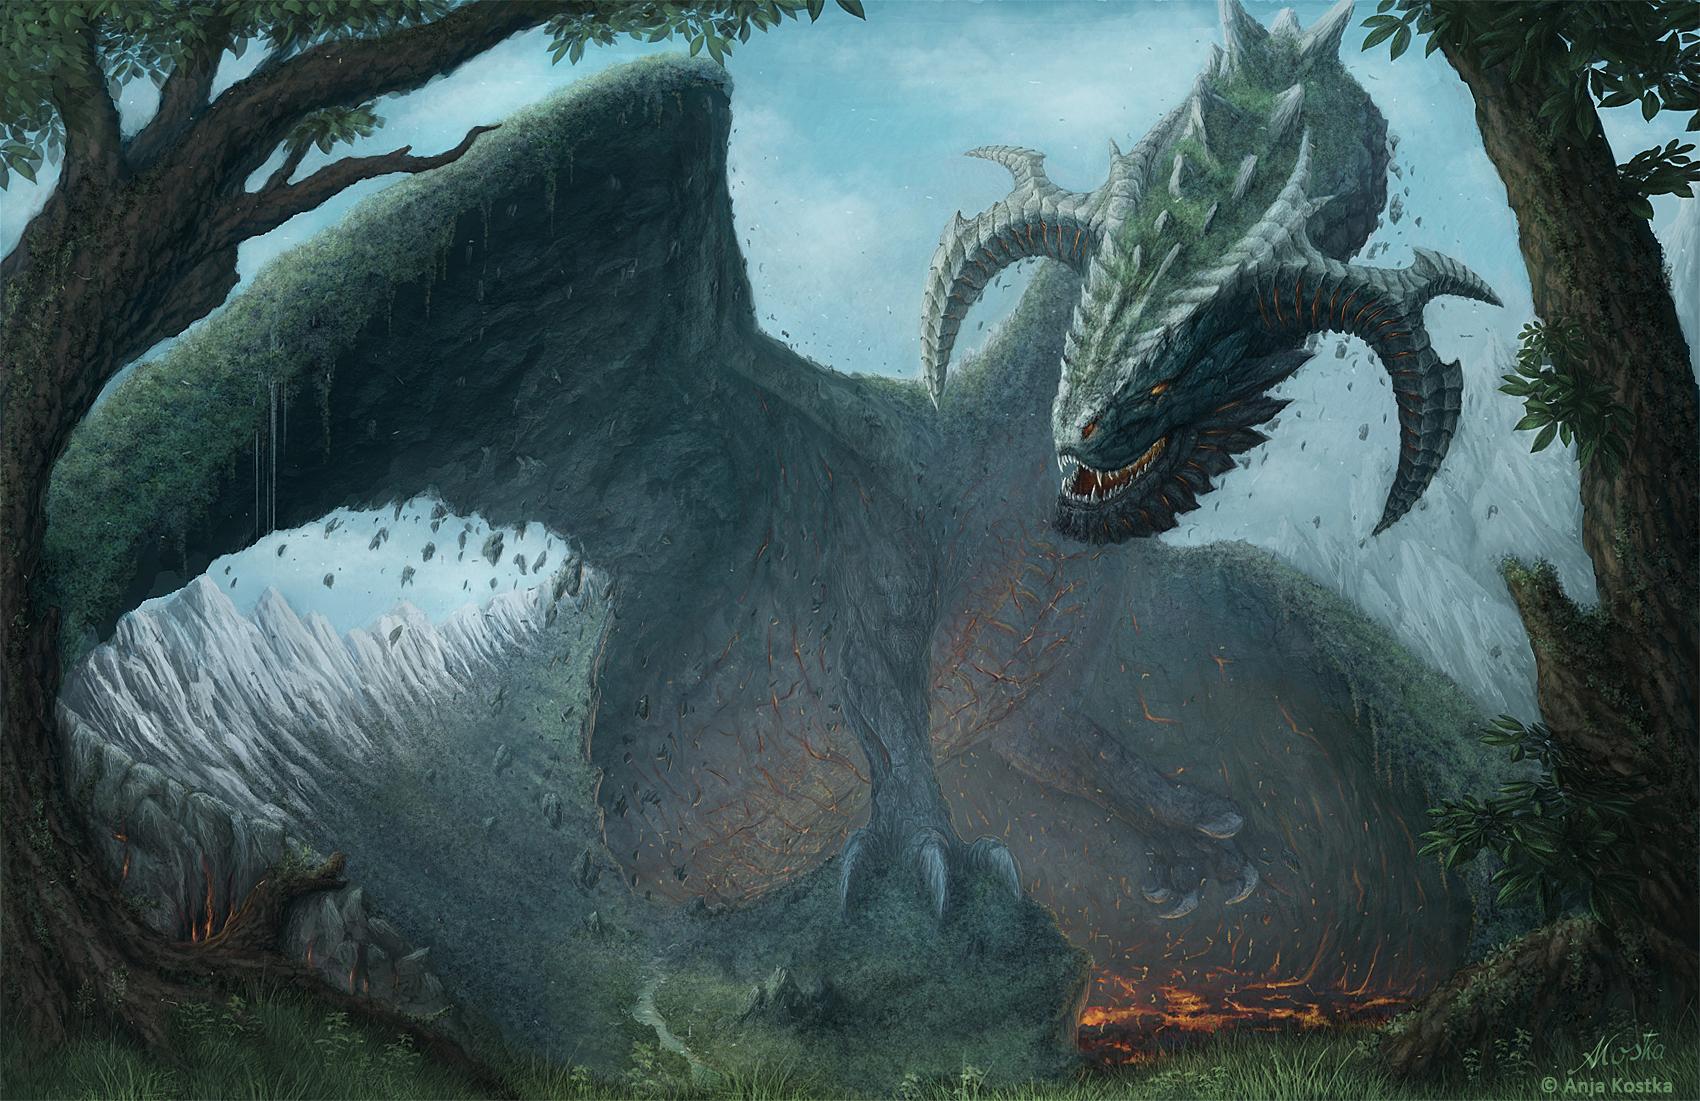 Earth Dragon: Mountains Dragon By ArkaEdri On DeviantArt